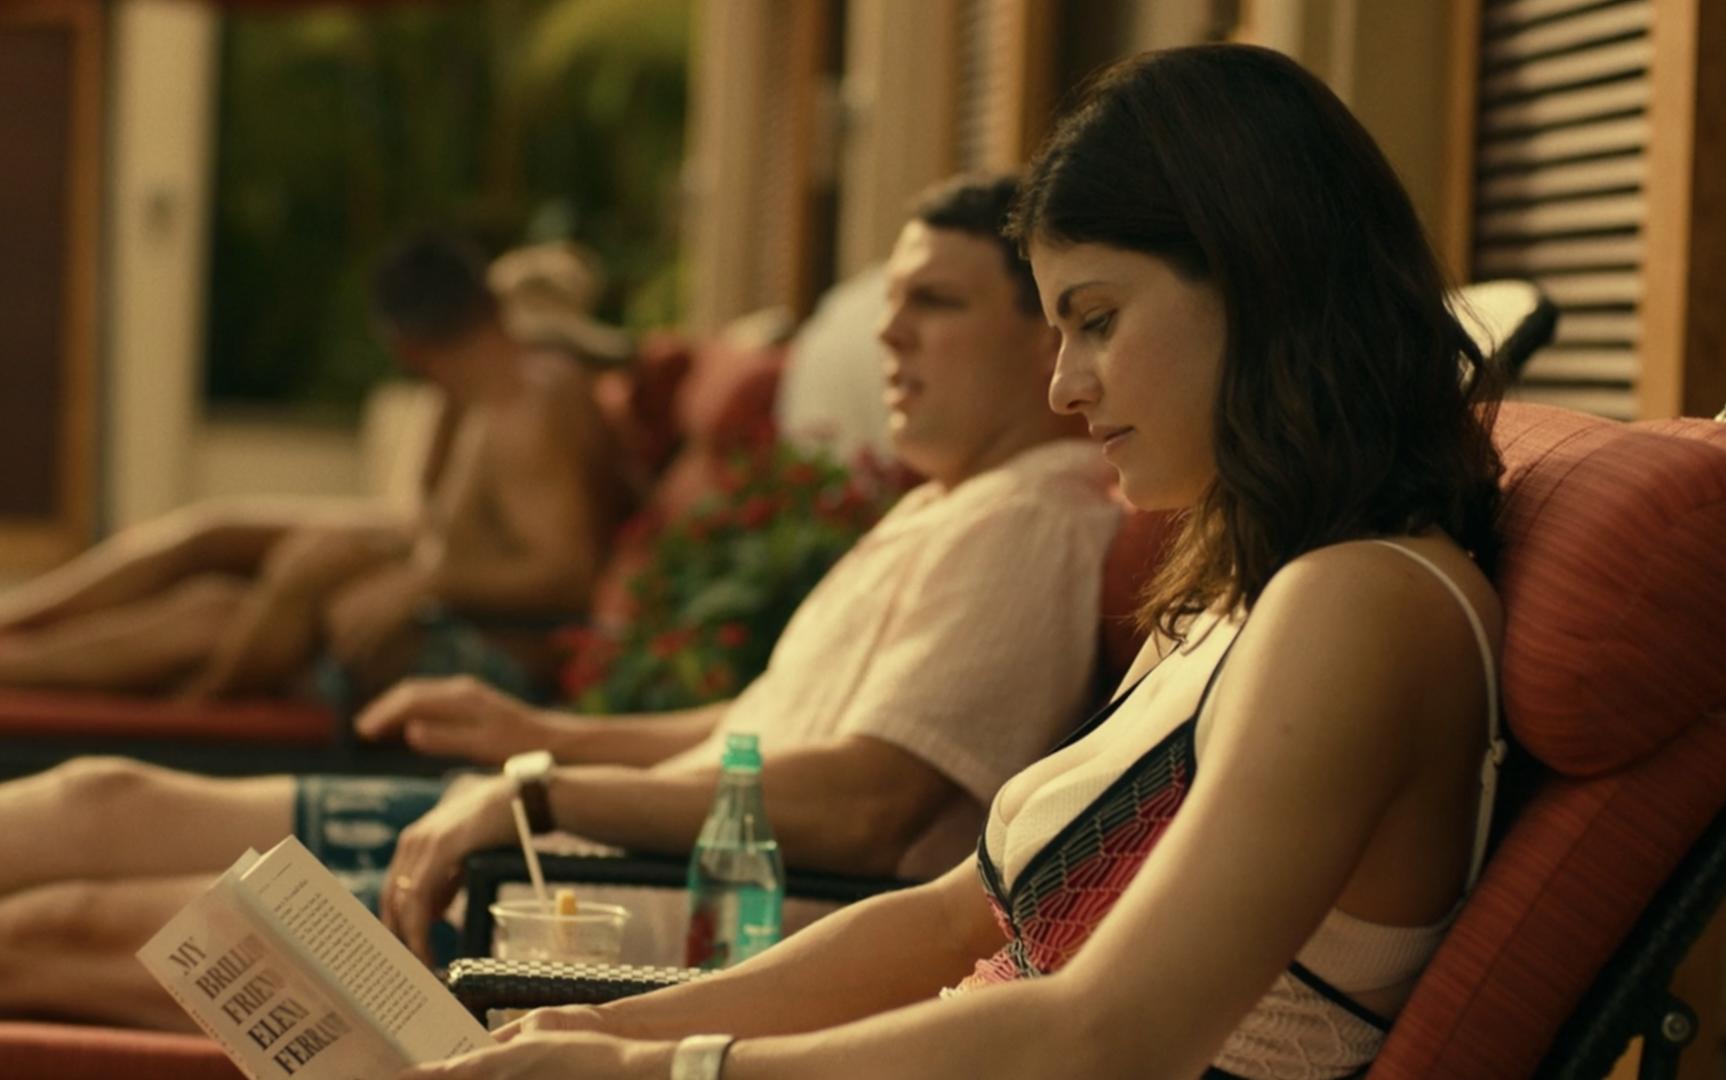 Rachel reads poolside in chaise